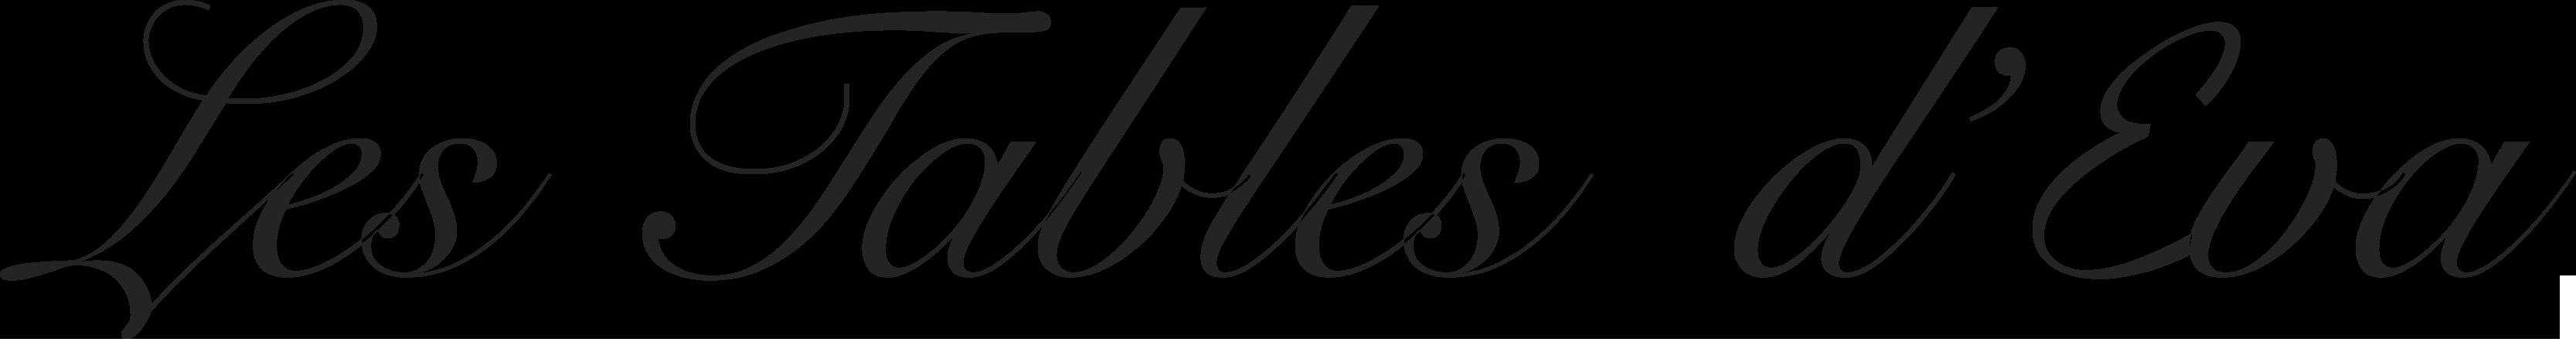 logo-les-tables-d-eva